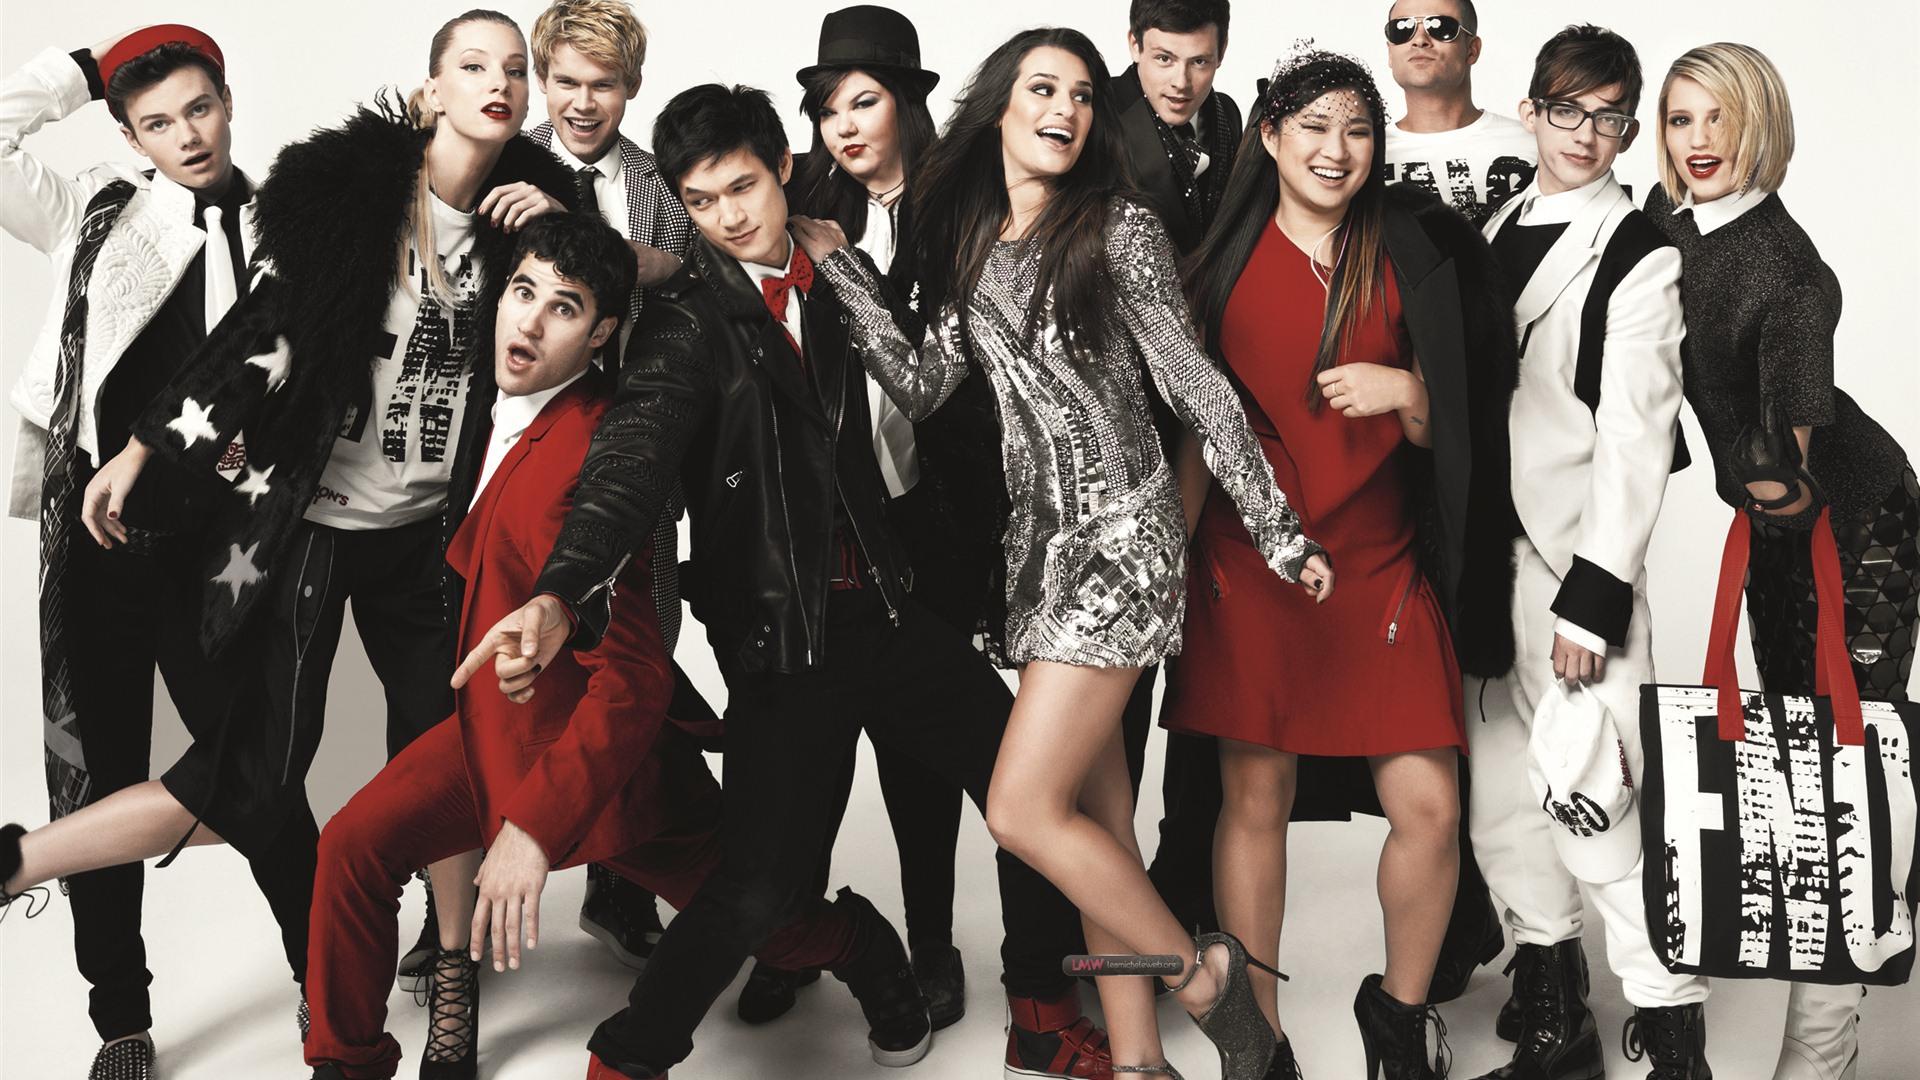 Glee s ries tv hd fonds d 39 cran 5 1920x1080 fond d for Fond ecran serie